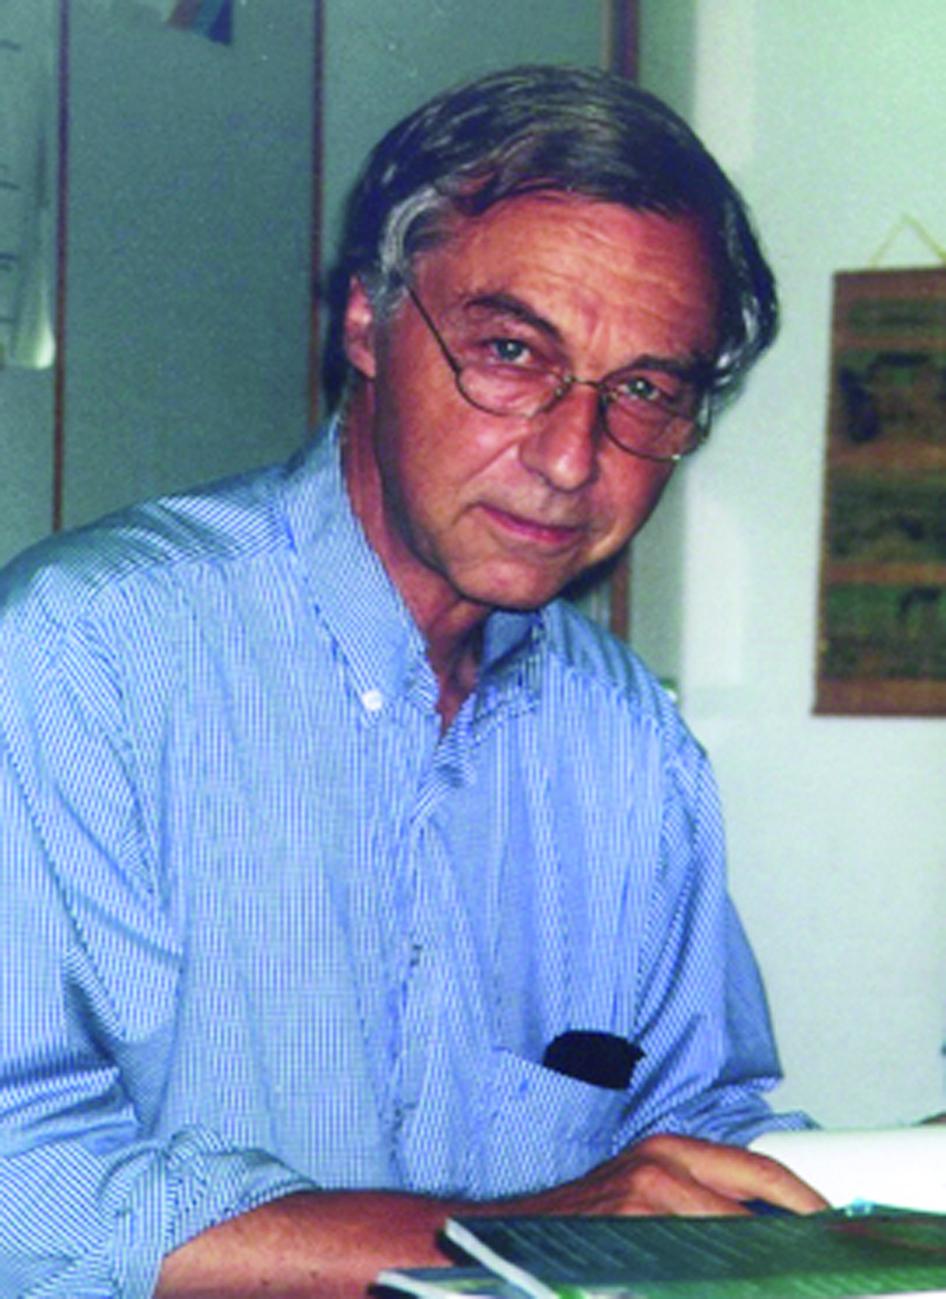 Portraitfoto von Herrn Robert Huber.